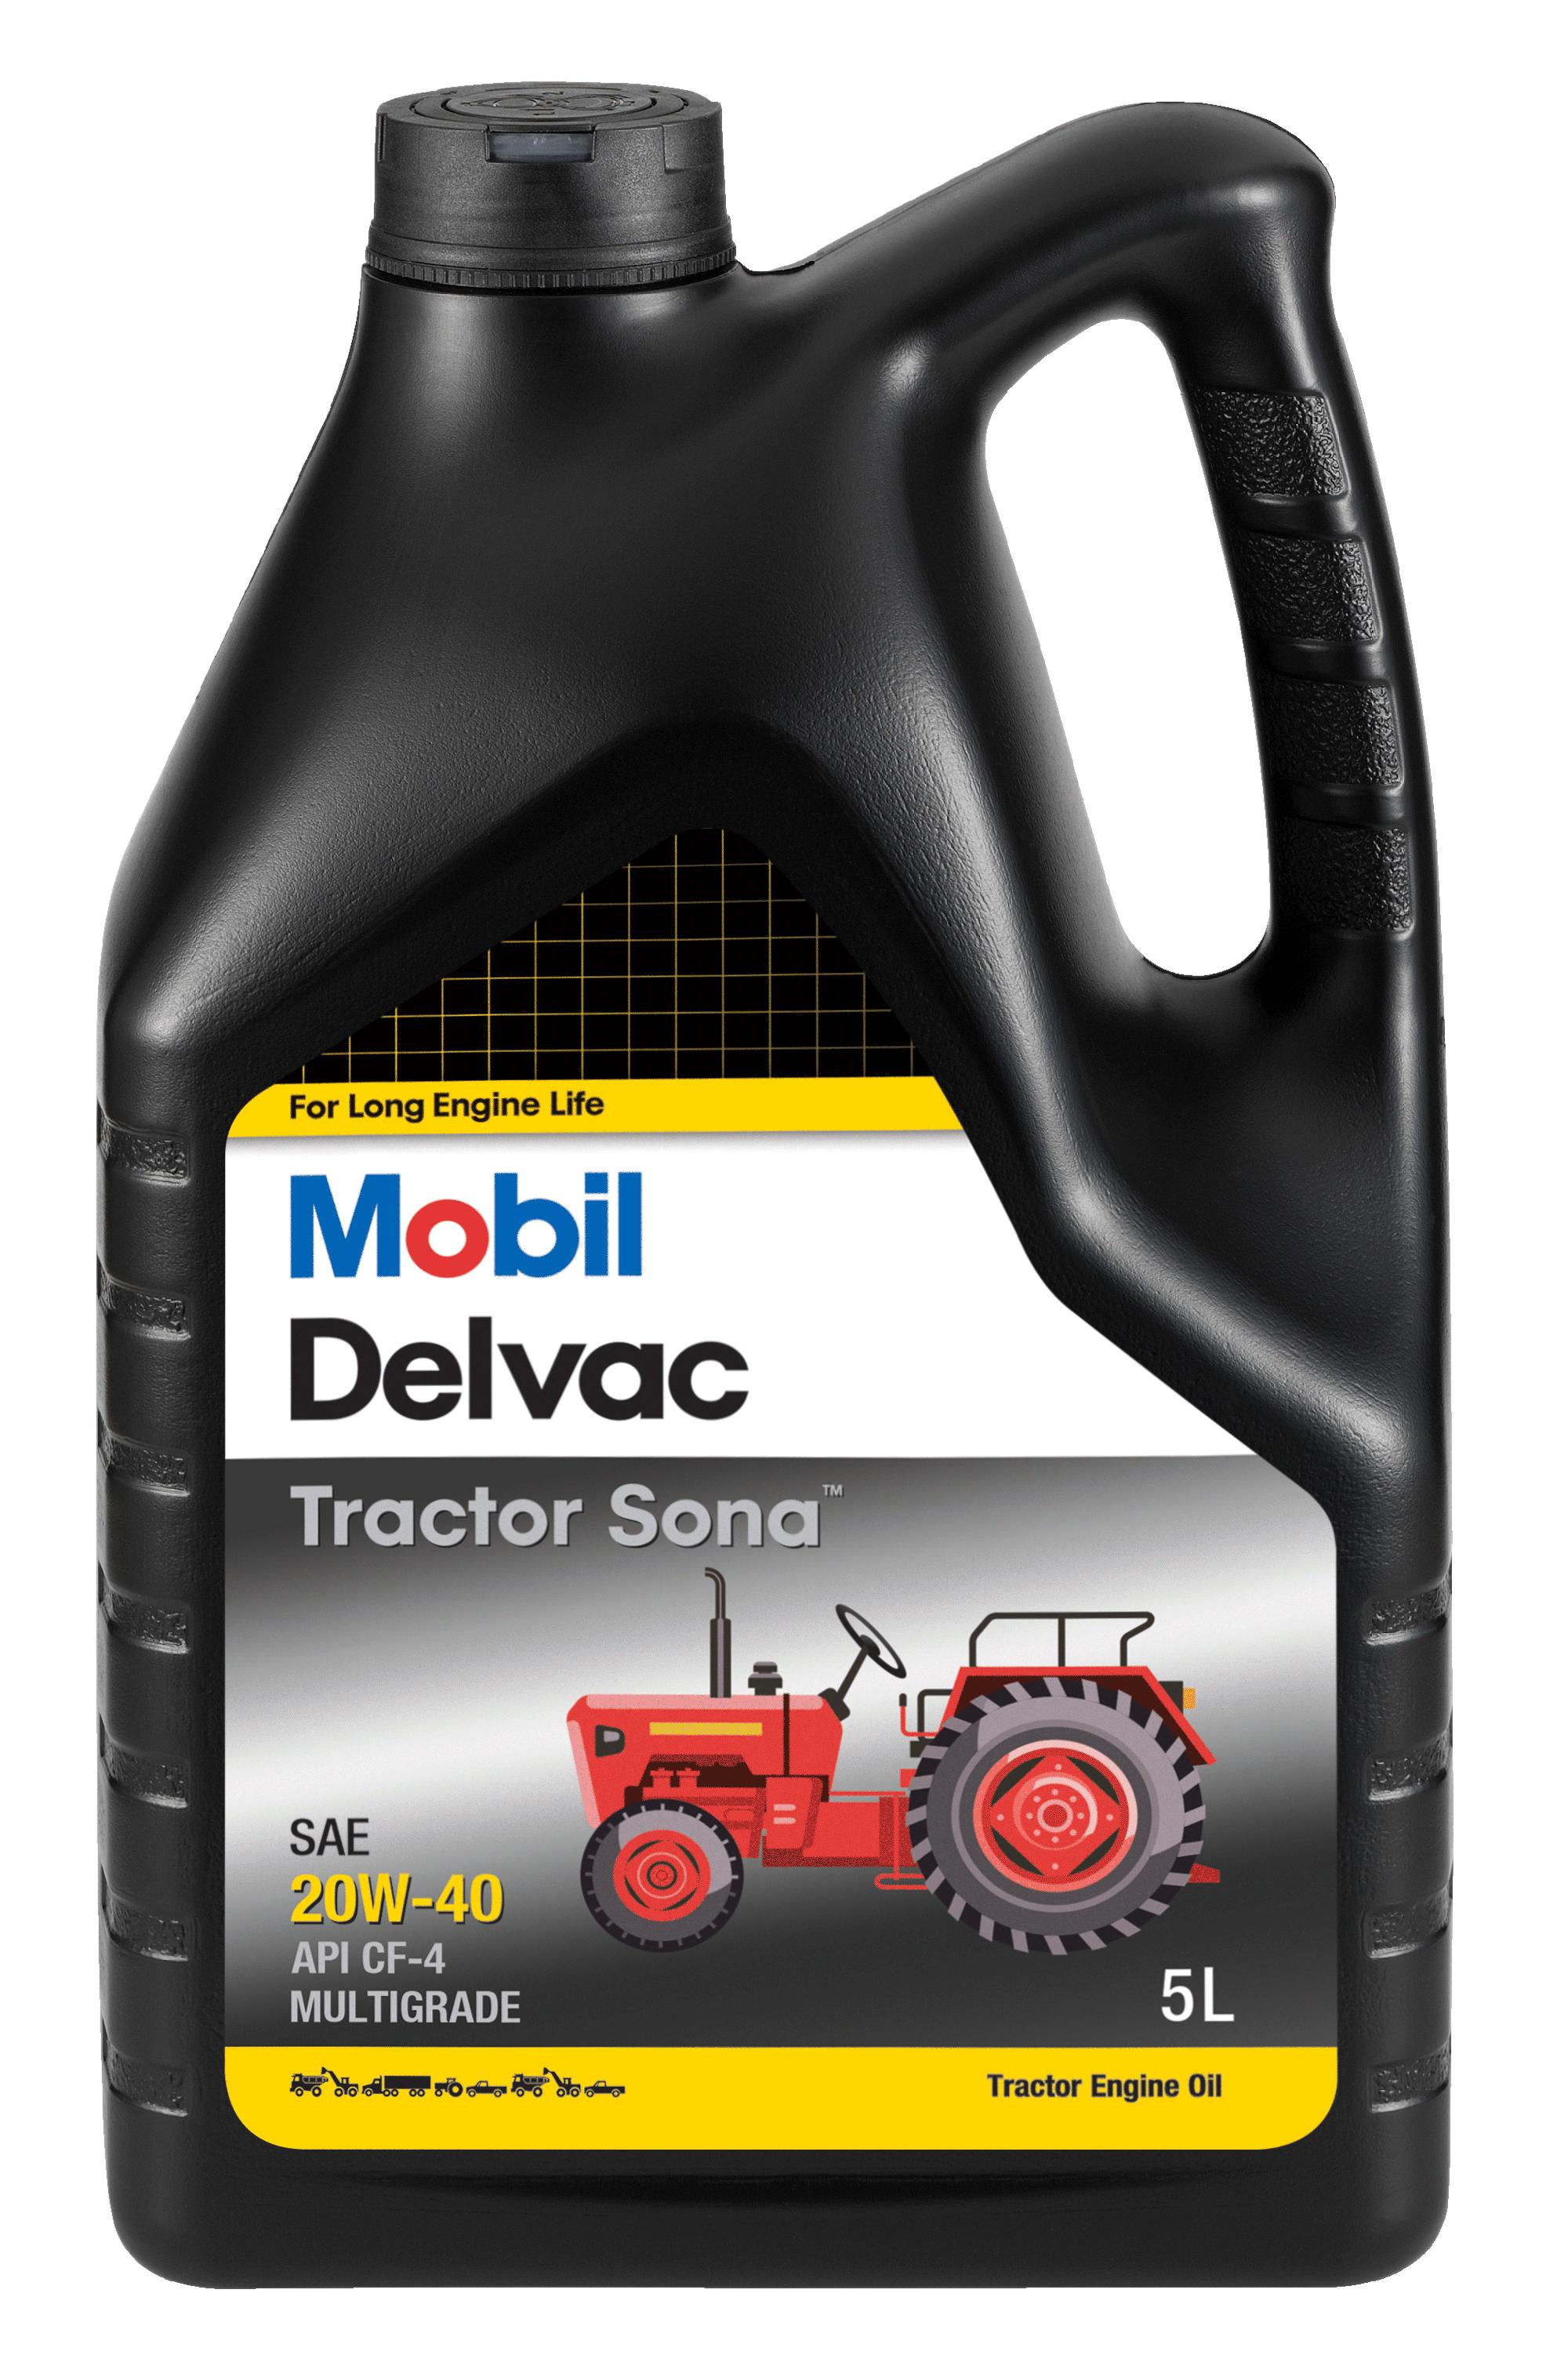 Mobil-Delvac Tractor Sona